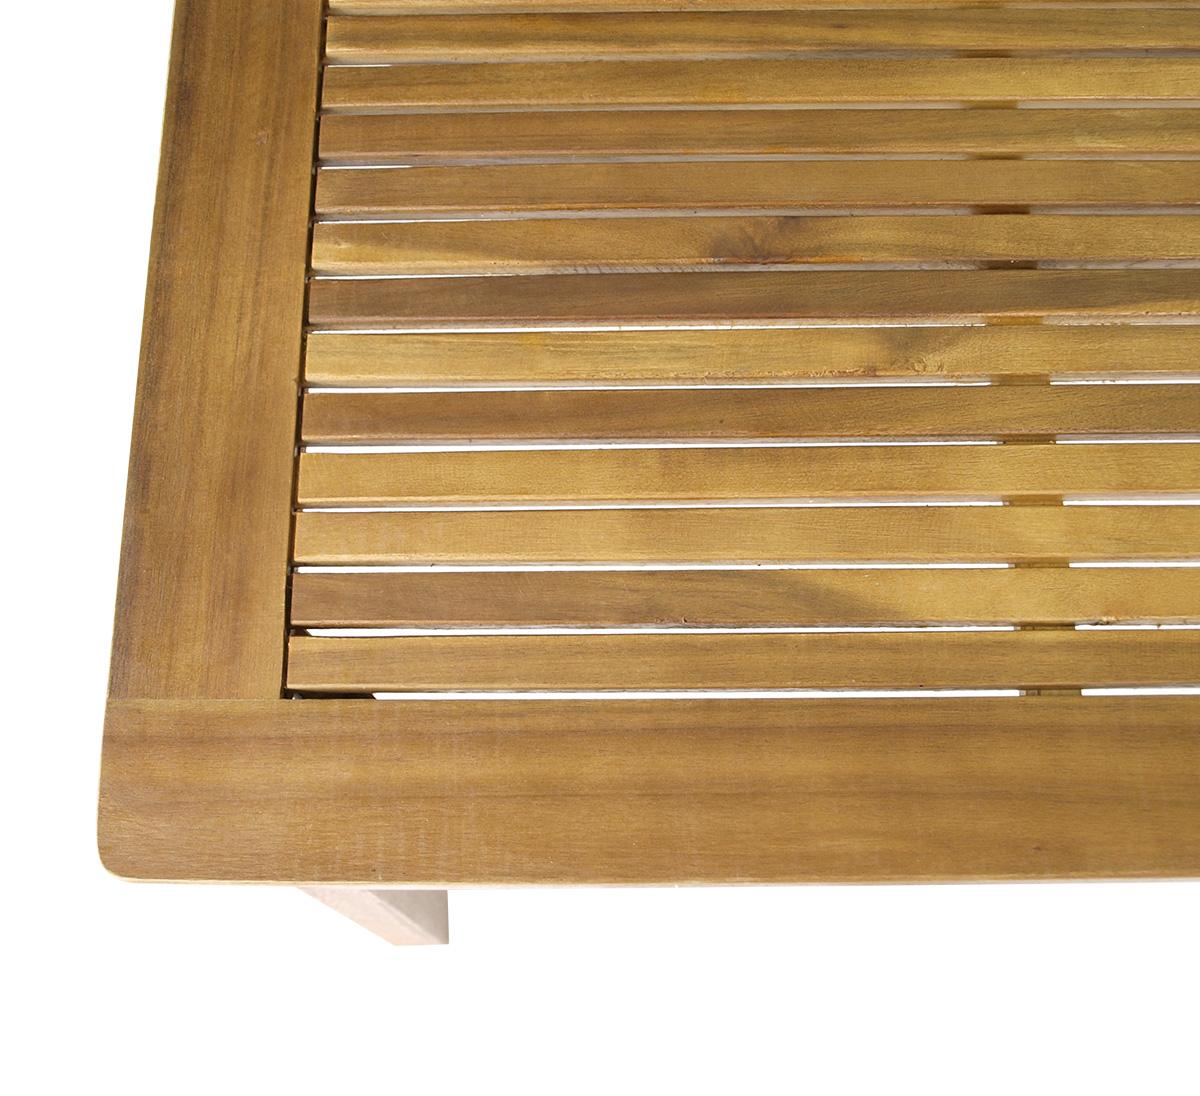 gartentisch holztisch gartenm bel tisch holz st vincent 80x140cm akazie fsc ebay. Black Bedroom Furniture Sets. Home Design Ideas